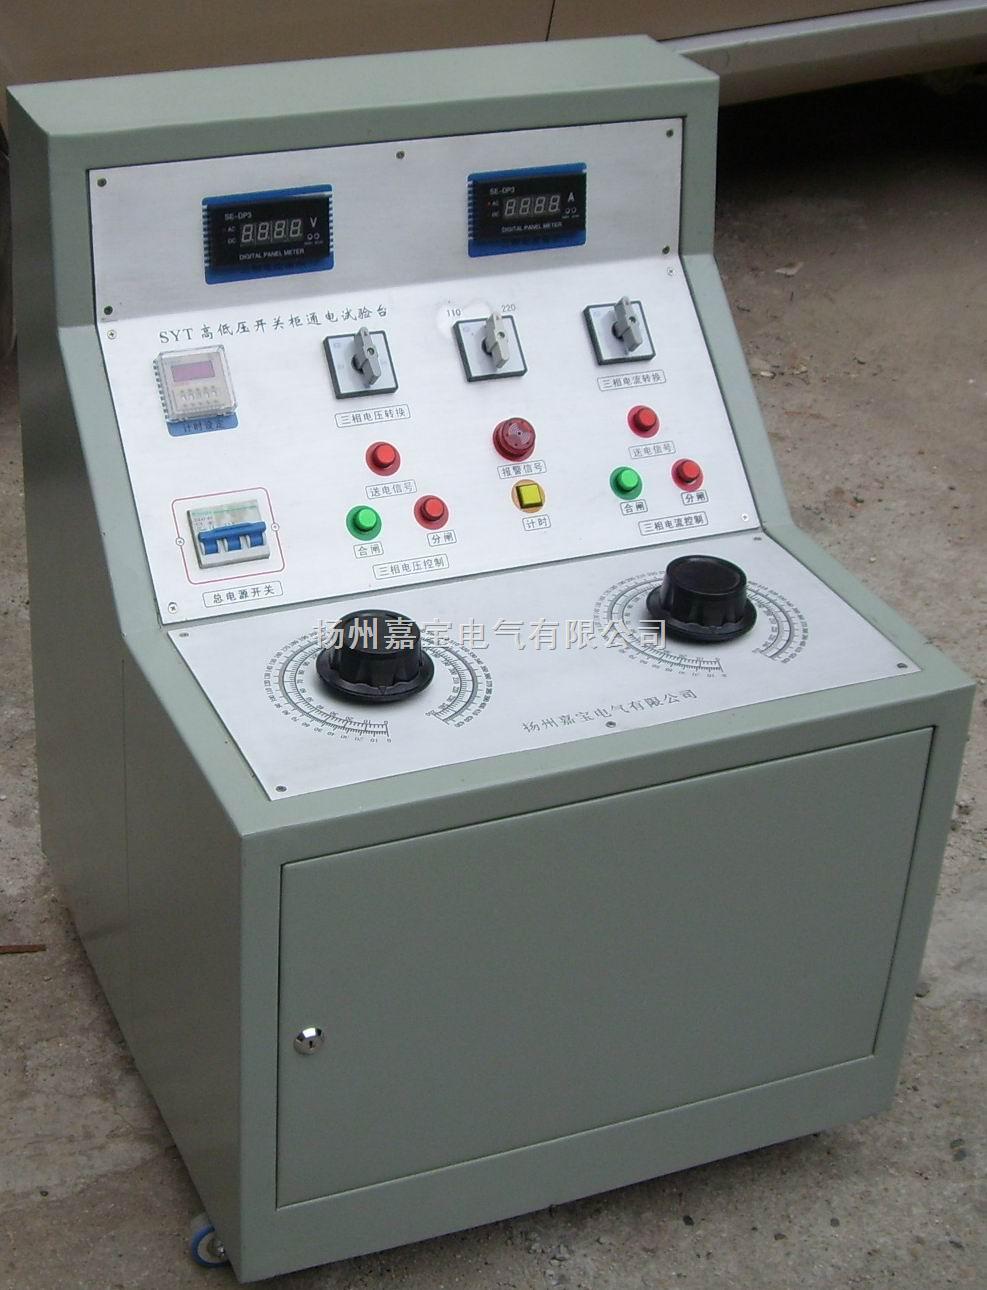 高低压开关柜通电试验台-开关柜试验台